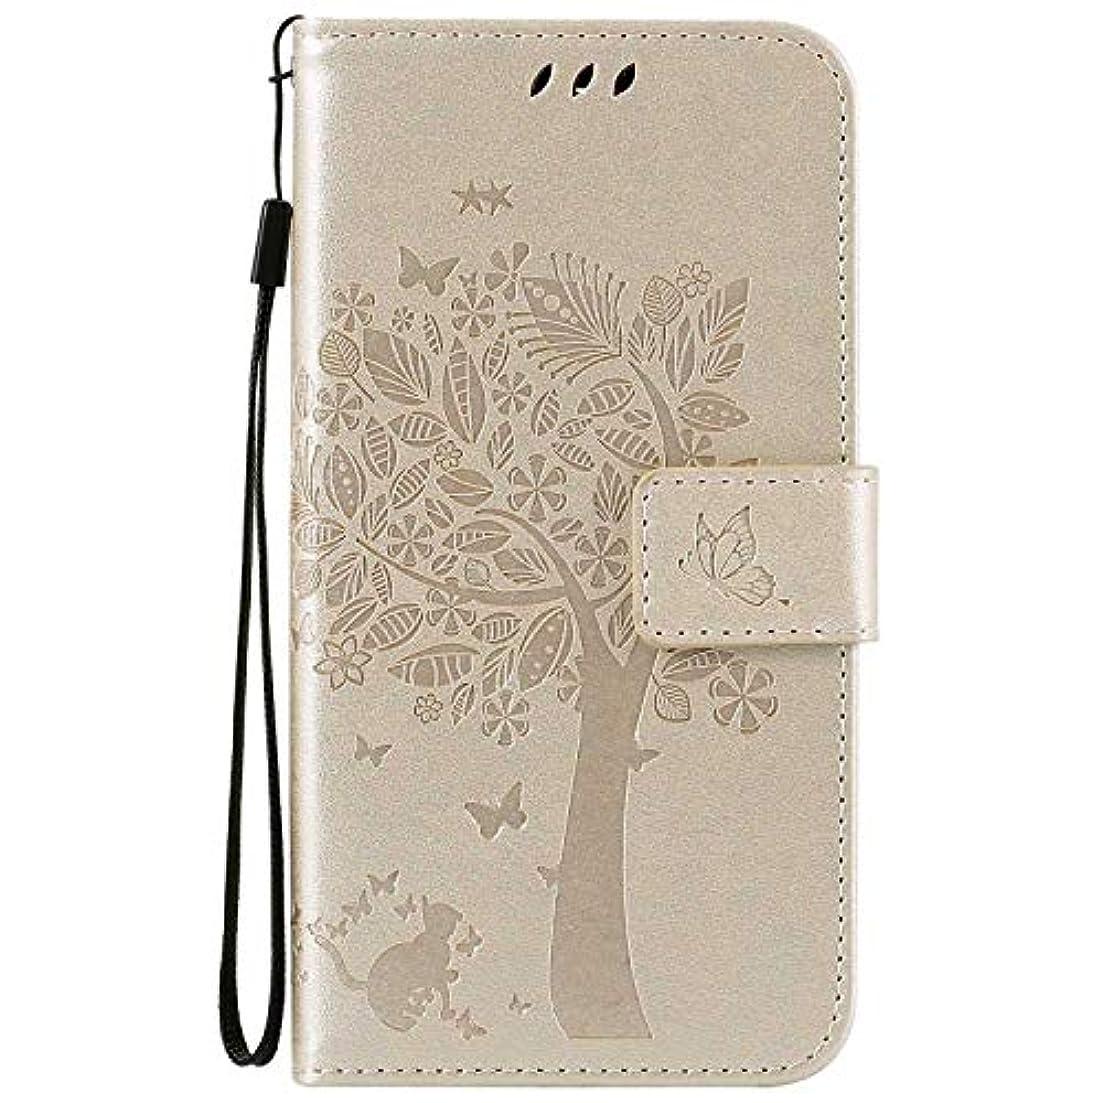 土裏切り雷雨OMATENTI LG K7 / K8 ケース 手帳型ケース ウォレット型 カード収納 ストラップ付き 高級感PUレザー 押し花木柄 落下防止 財布型 カバー LG K7 / K8 用 Case Cover, 白